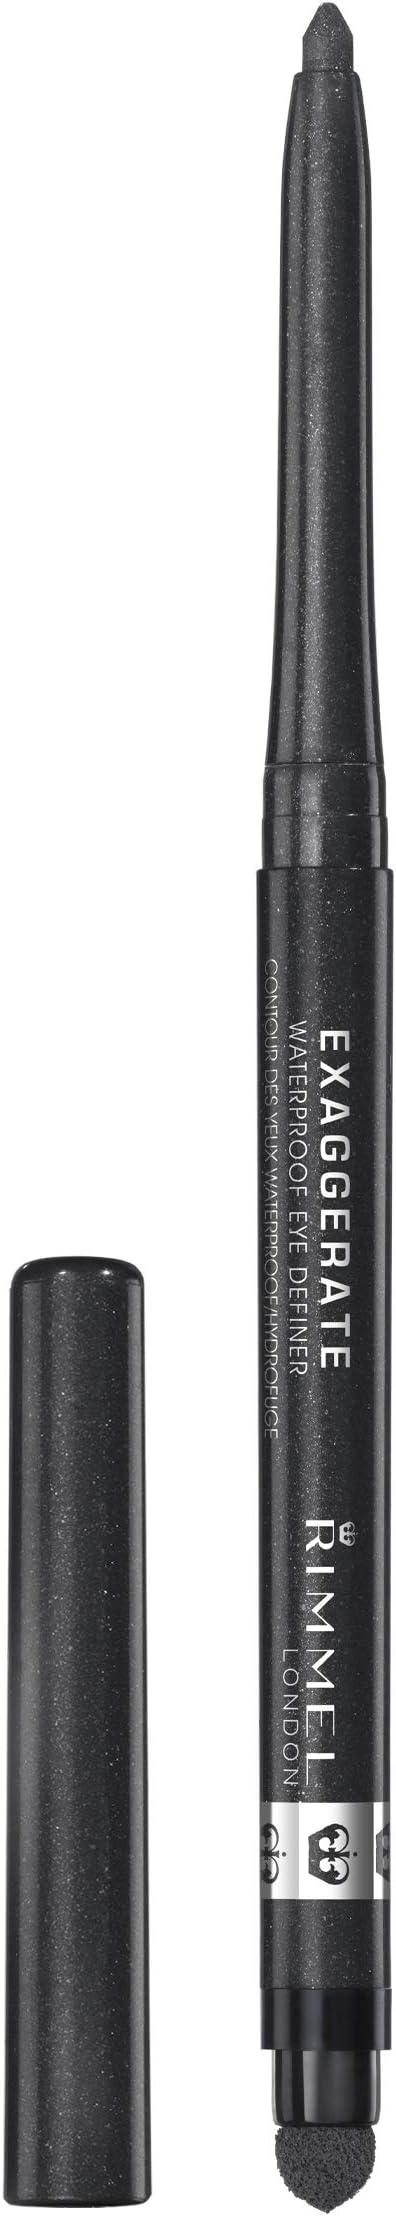 Oferta amazon: Rimmel London Exaggerate Automatic Eyeliner Waterproof - Delineador de Ojos Retráctil, Tono 263- Negro (Starlit Black), 0.28 gr